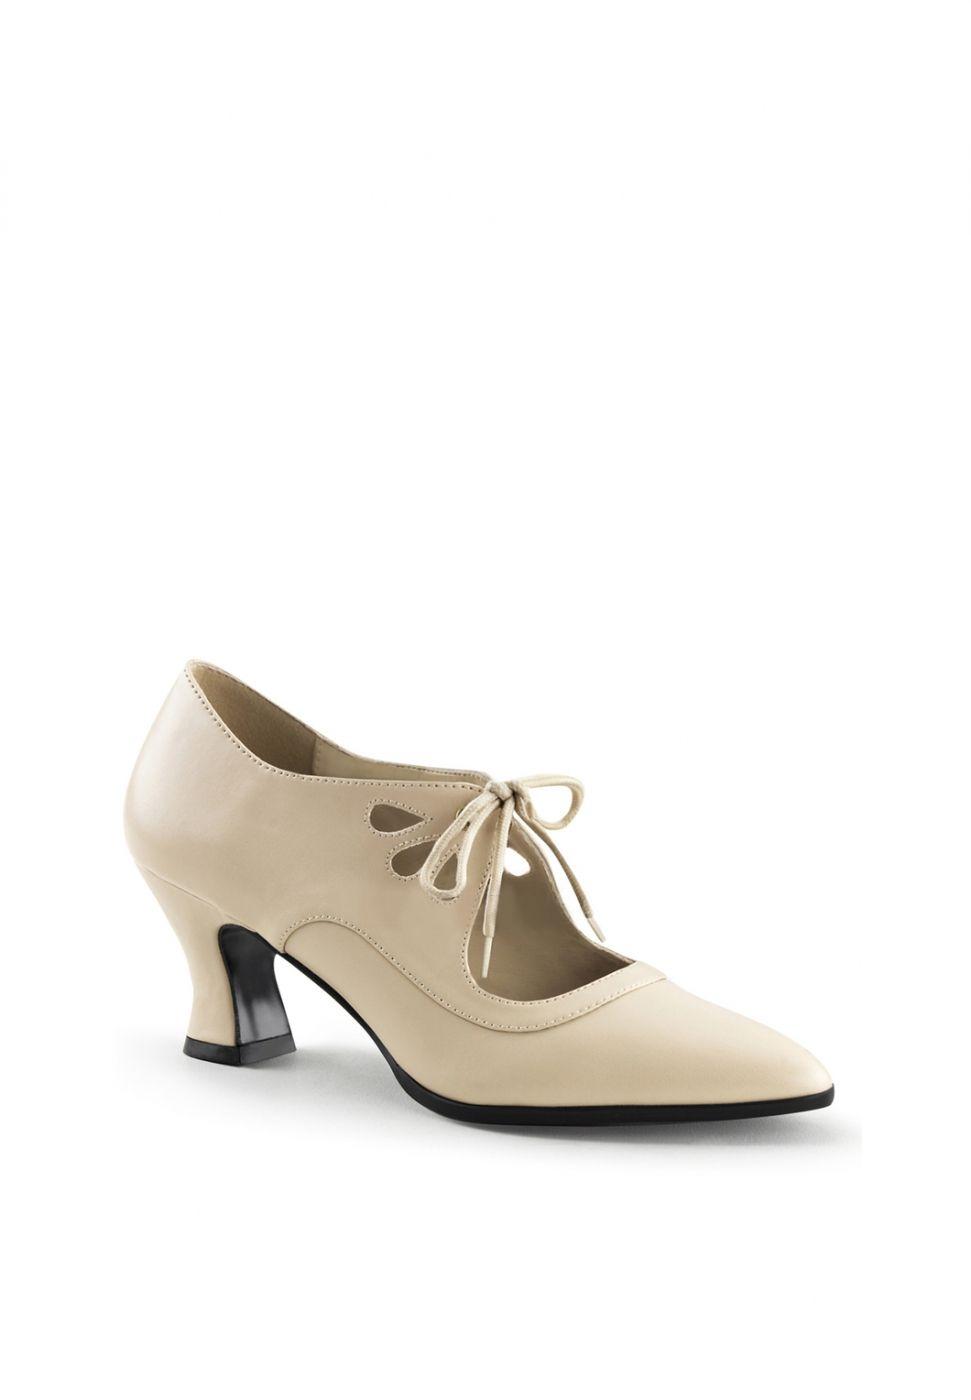 Clearance Shoe 8 Edwardian Shoes Shoes Vintage Shoes